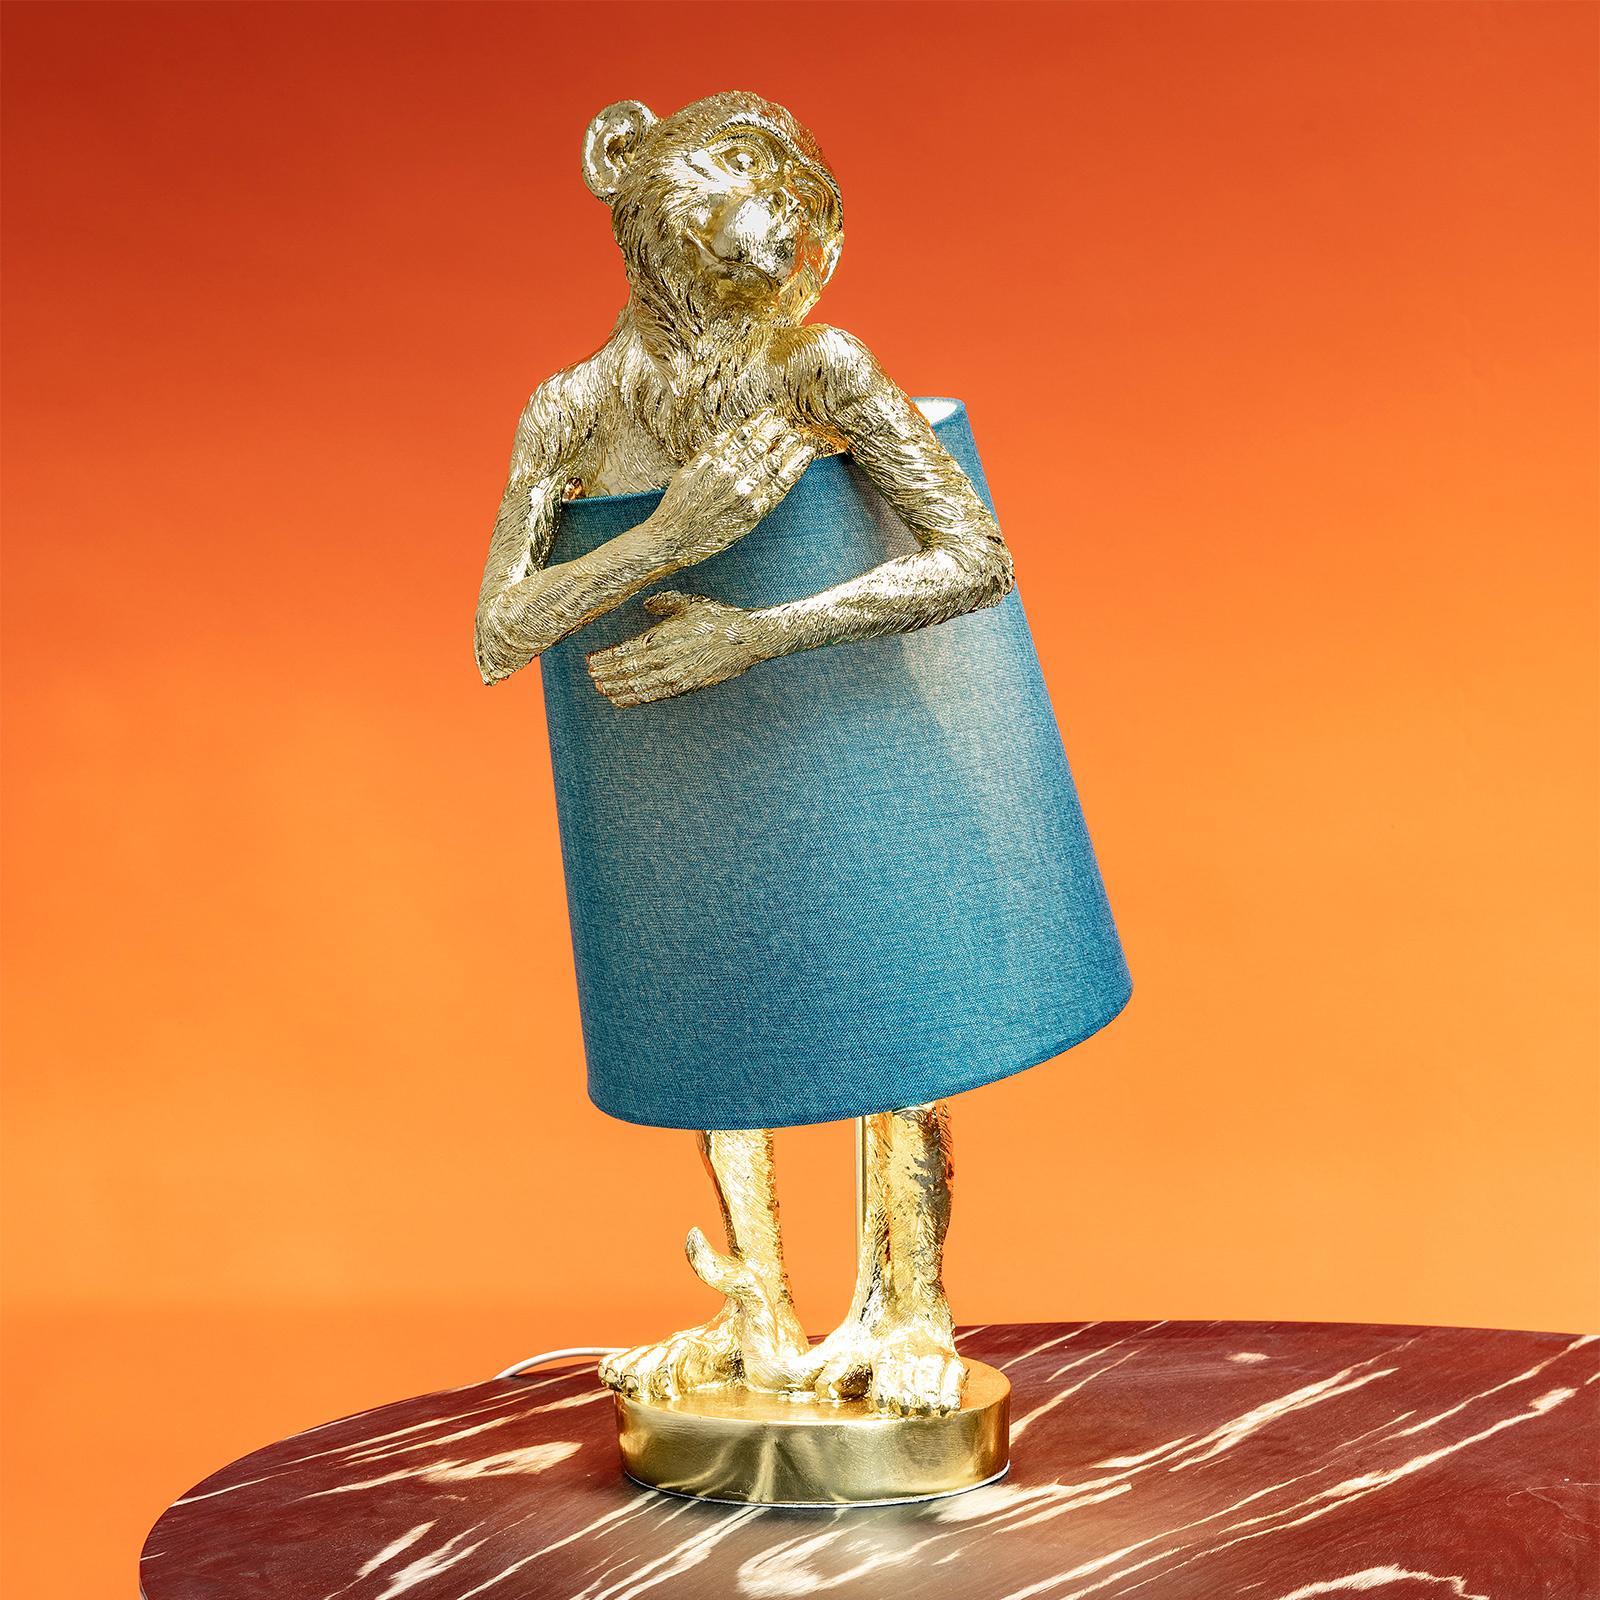 KARE Animal Monkey bordslampa guld/blå